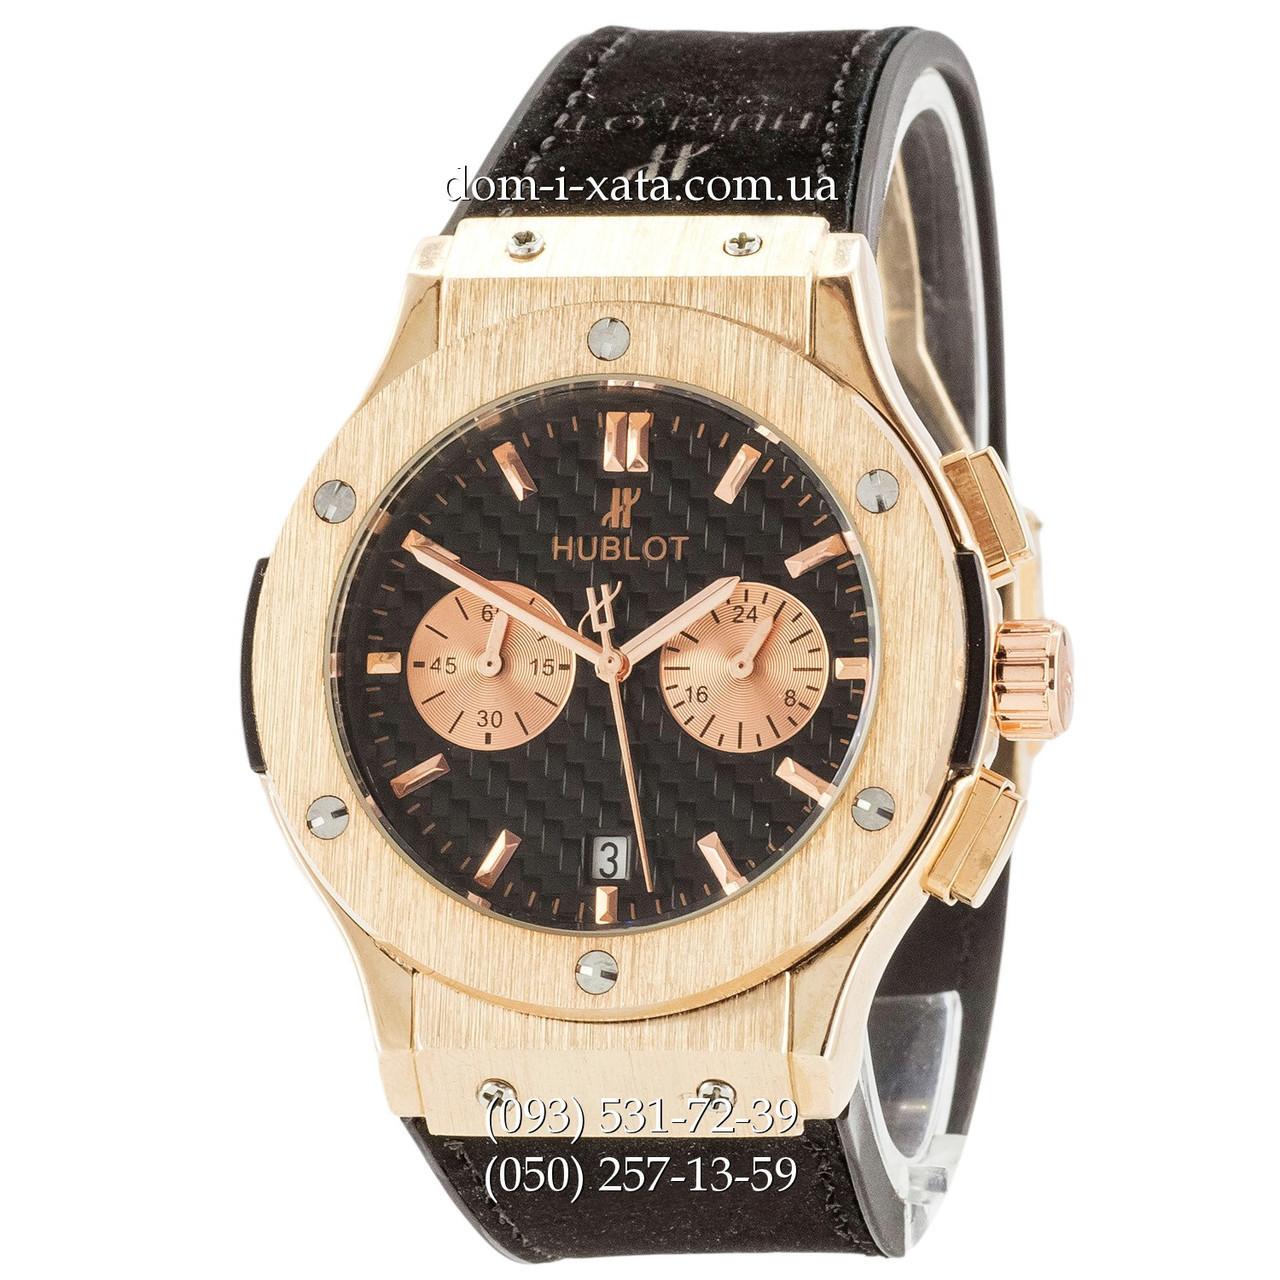 Мужские наручные часы Hublot Classic Fusion Quartz Black-Gold-Black, Хублот классик, реплика отличное качество!